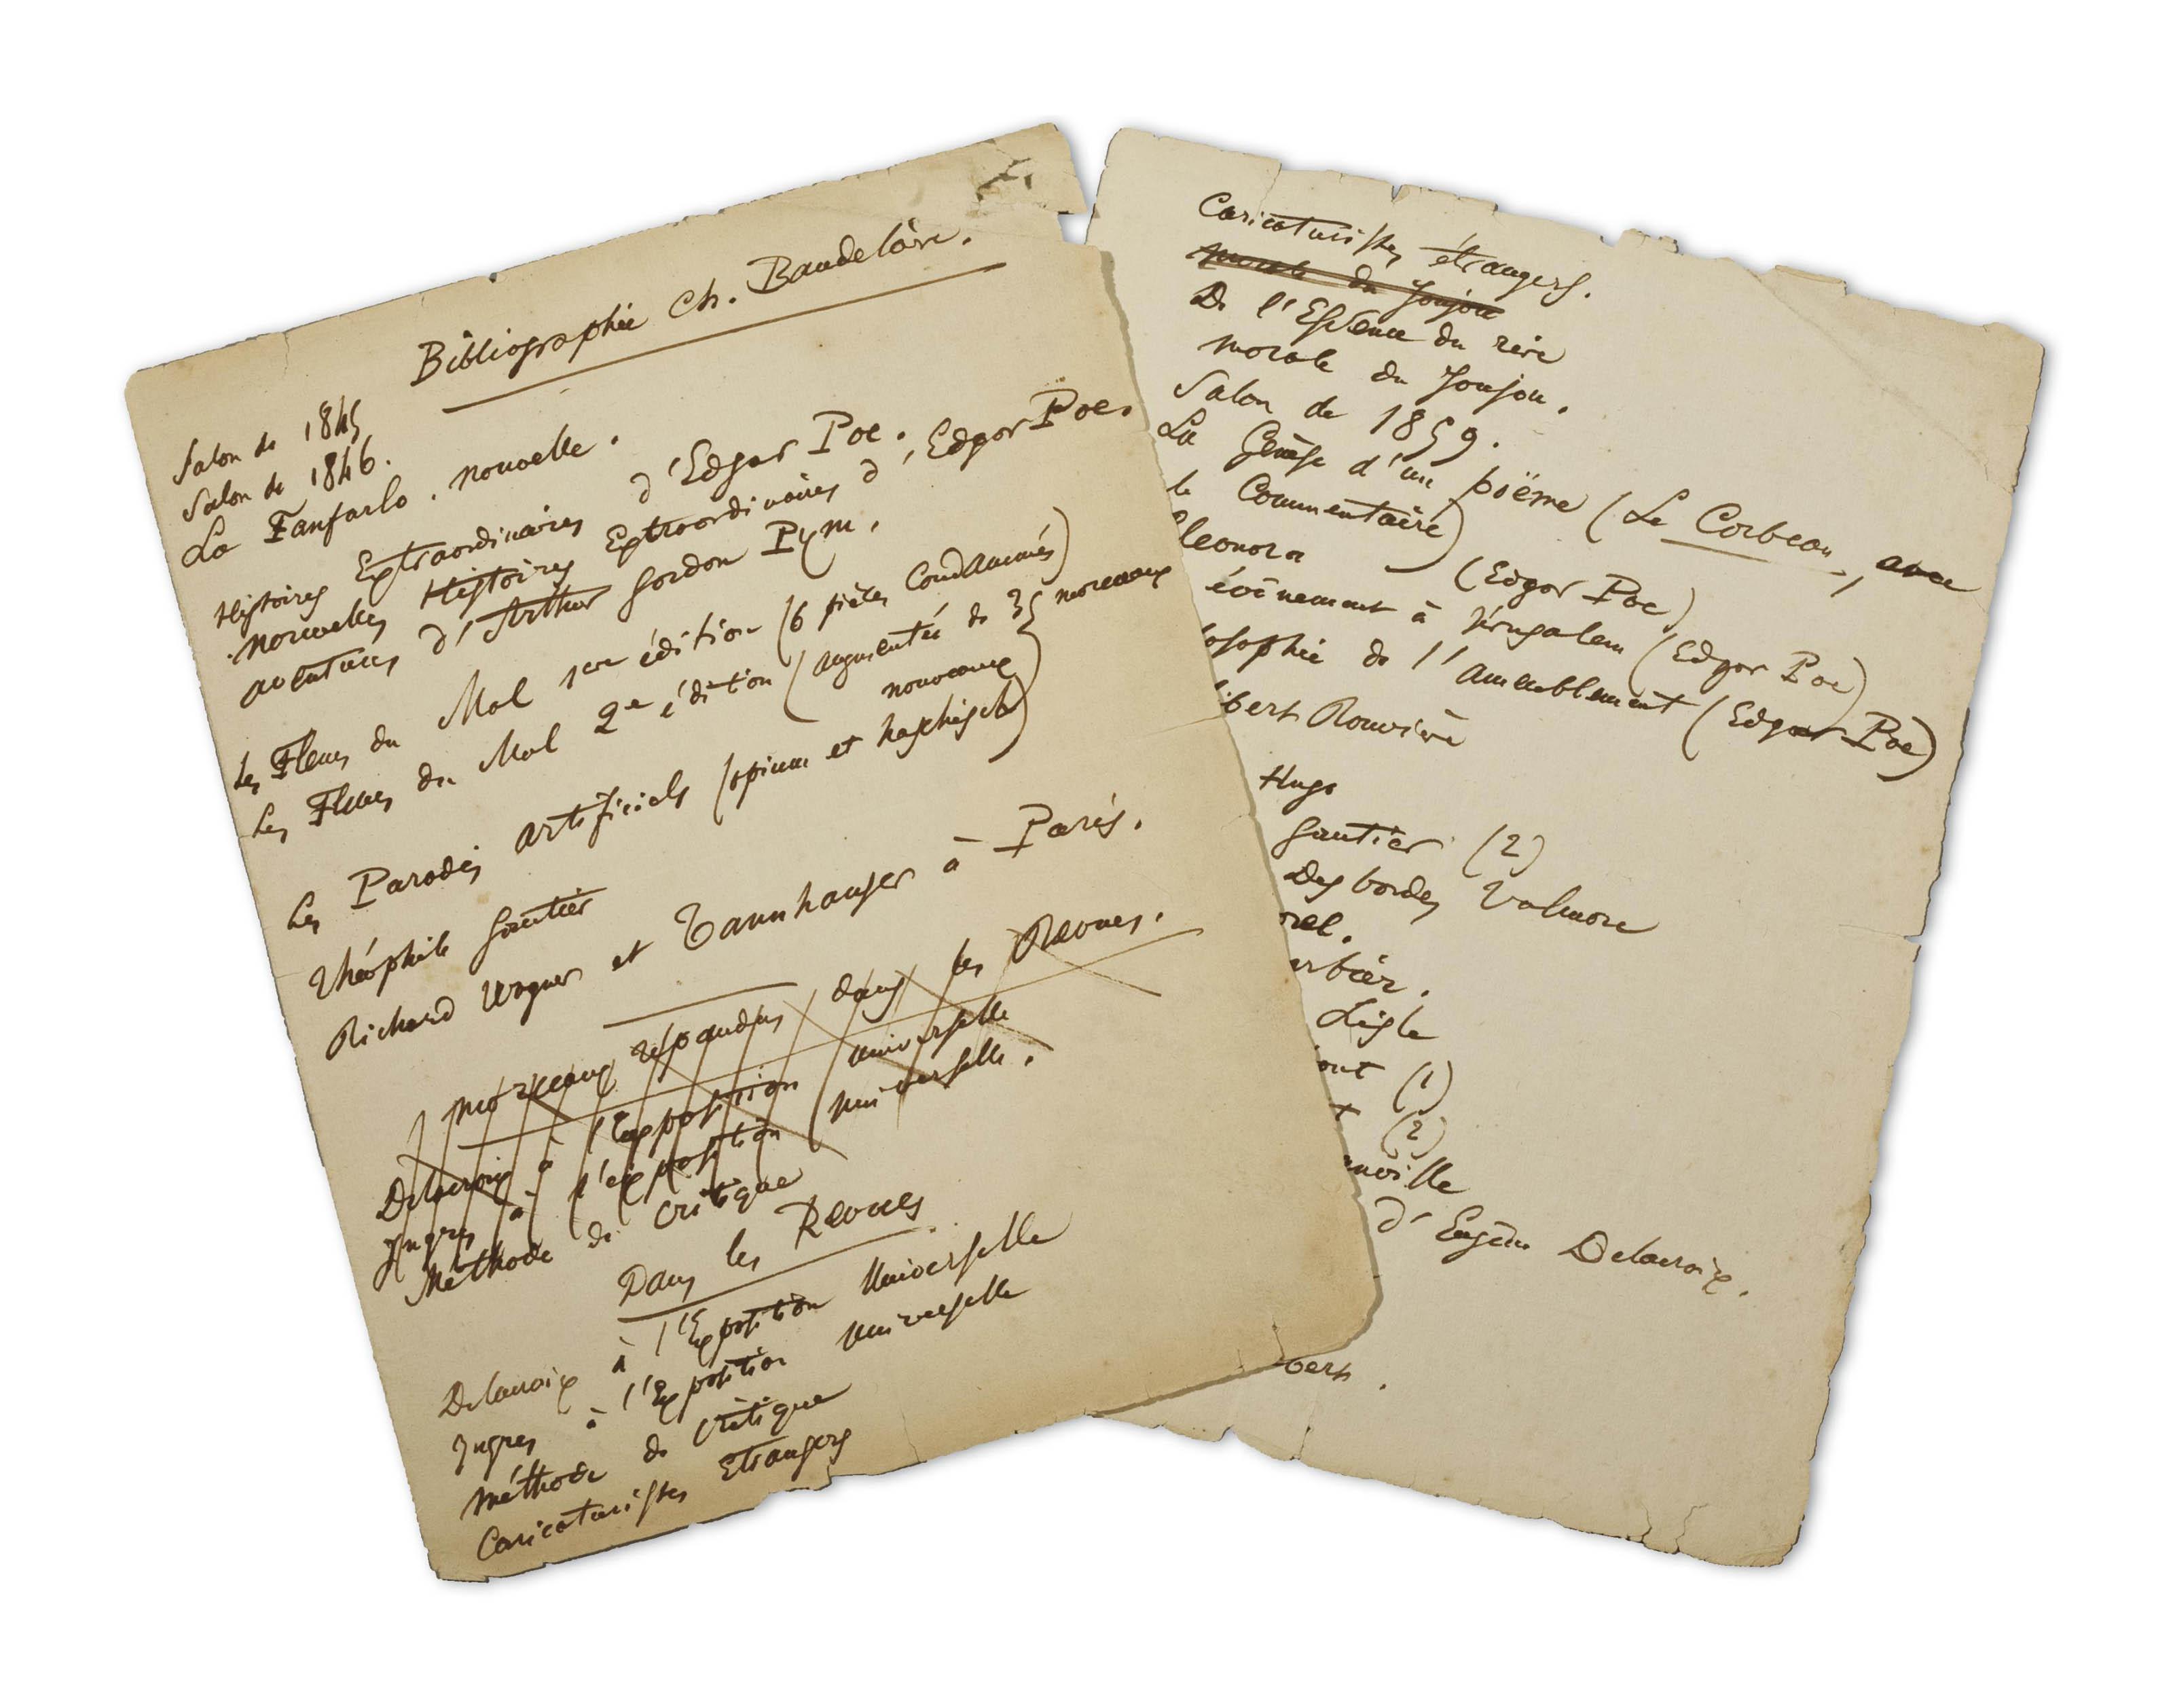 BAUDELAIRE, Charles (1821-1867). Bibliographie Ch. Baudelaire. 2 feuillets autographes in-4 (248 x 190 mm), ratures et corrections (petites déchirures marginales, un coin anciennement renforcé).